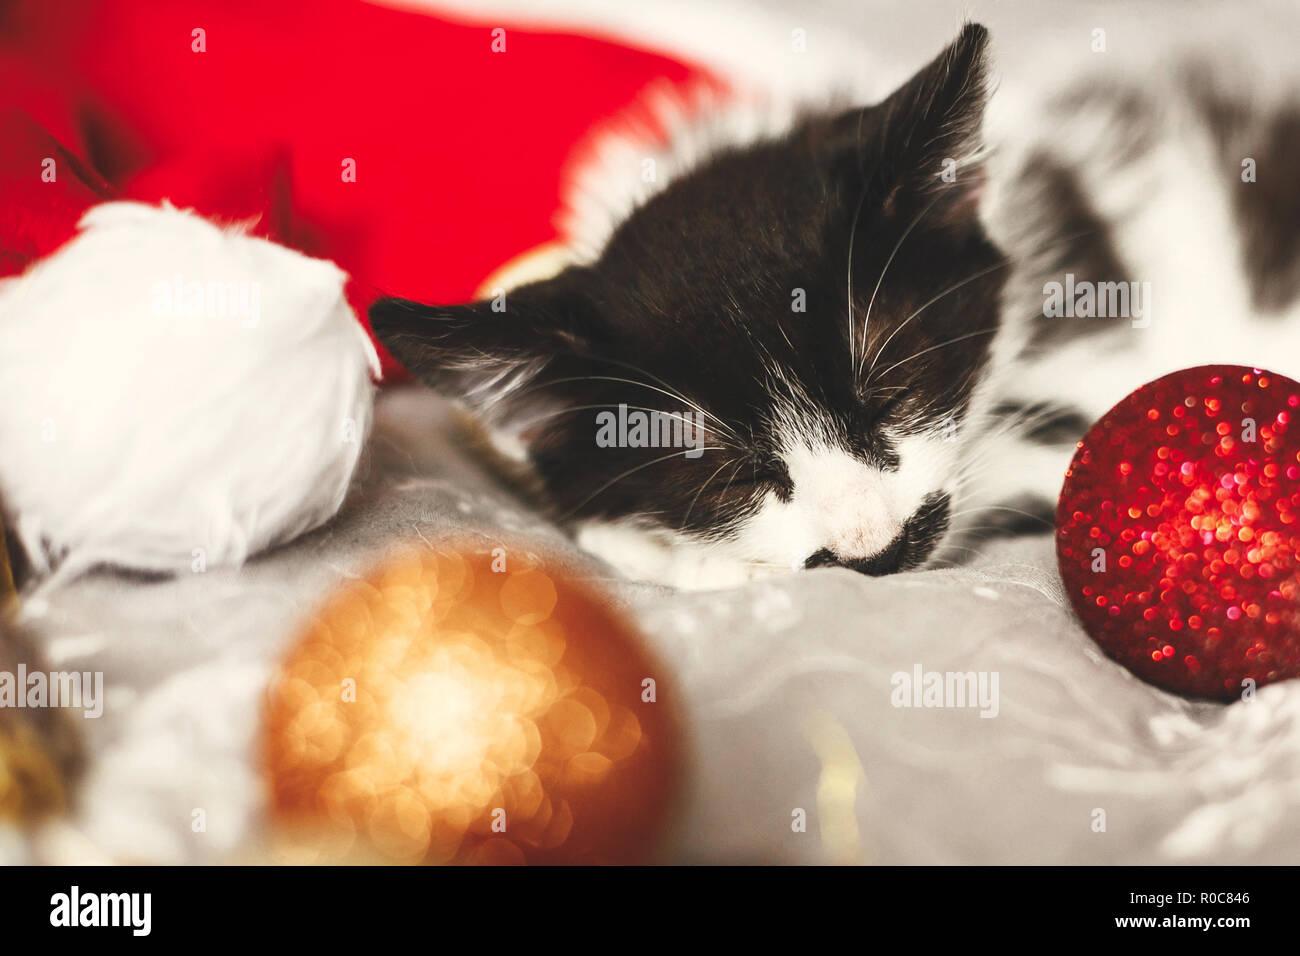 Lindo gatito durmiendo en santa sombrero en la cama con oro y rojo bolas de navidad en la sala de fiestas. Feliz Navidad concepto. Adorable gatito, una siesta. Atmosph Imagen De Stock